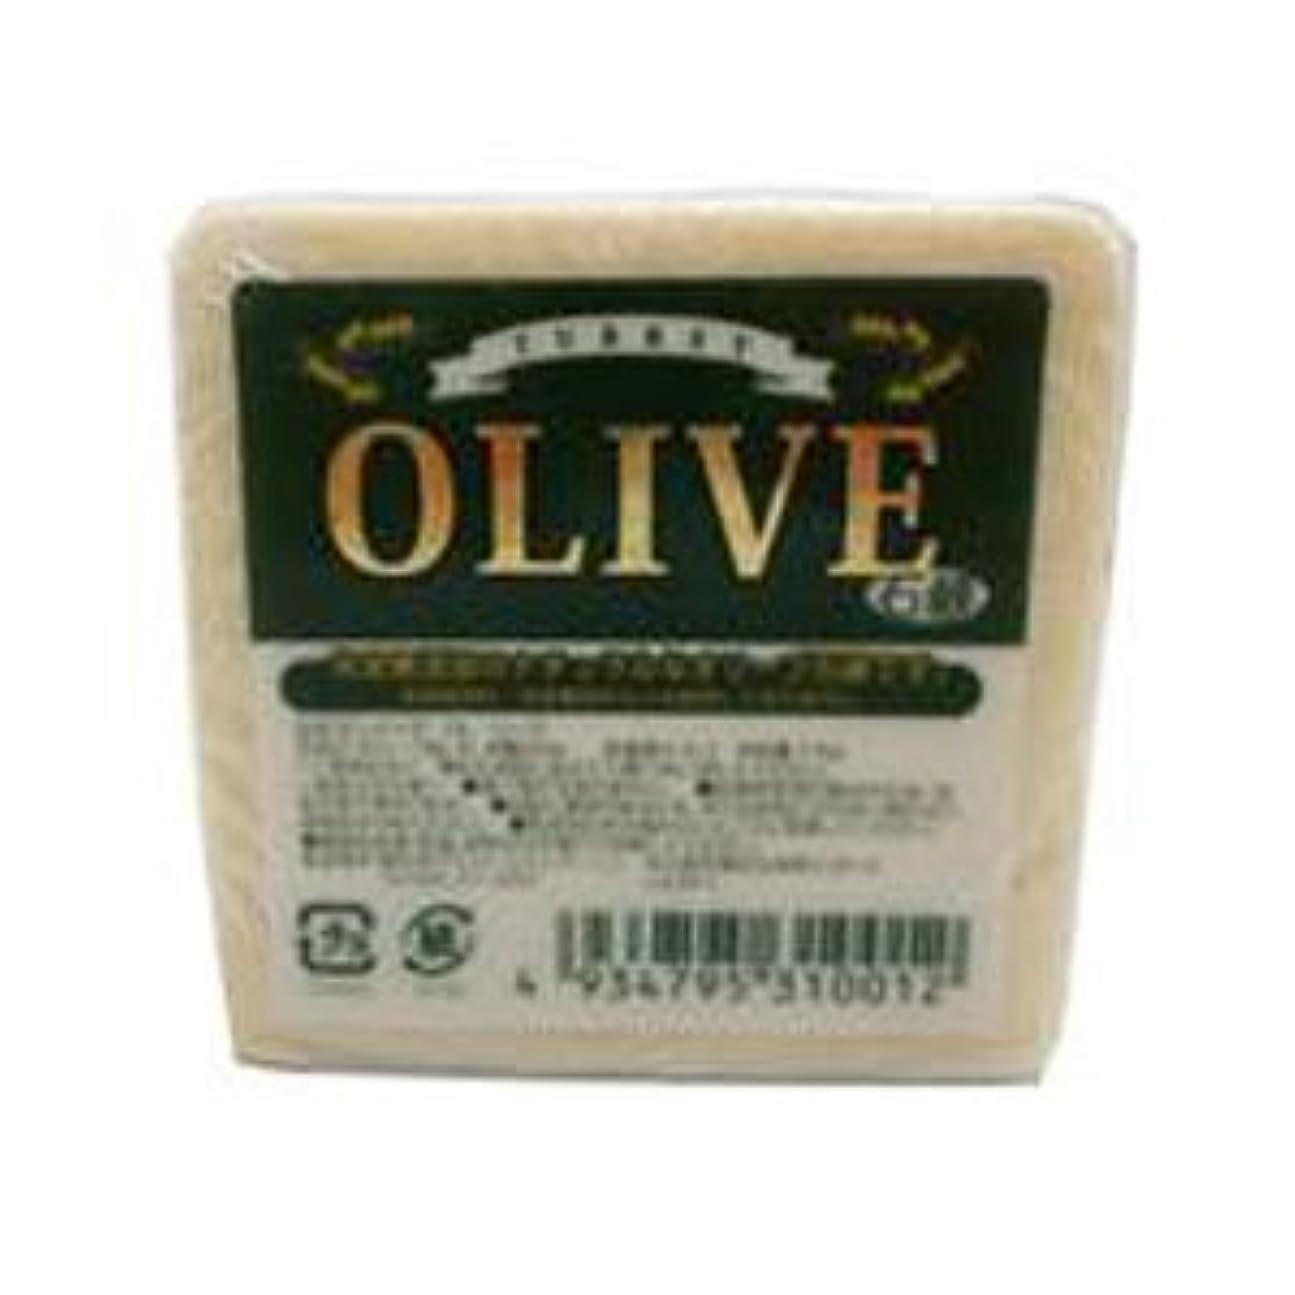 腐食するペルー鉛お得な5個セット トルコ産オリーブを使用した無添加石鹸 ターキーオリーブ石鹸 135g